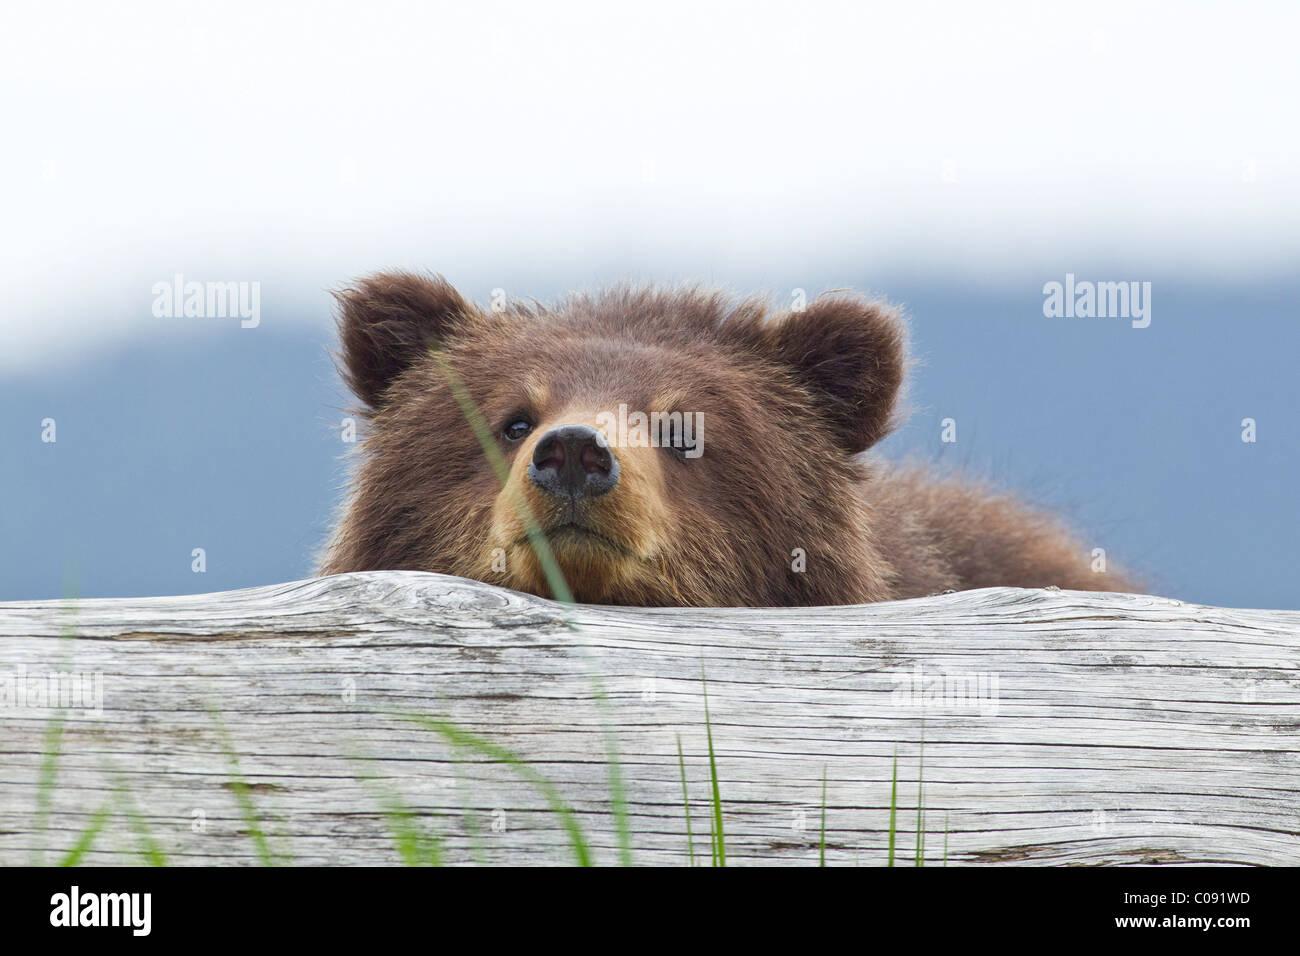 Un ours brun cub repose sa tête sur un journal dans un estuaire sur l'île de l'Amirauté, Photo Stock